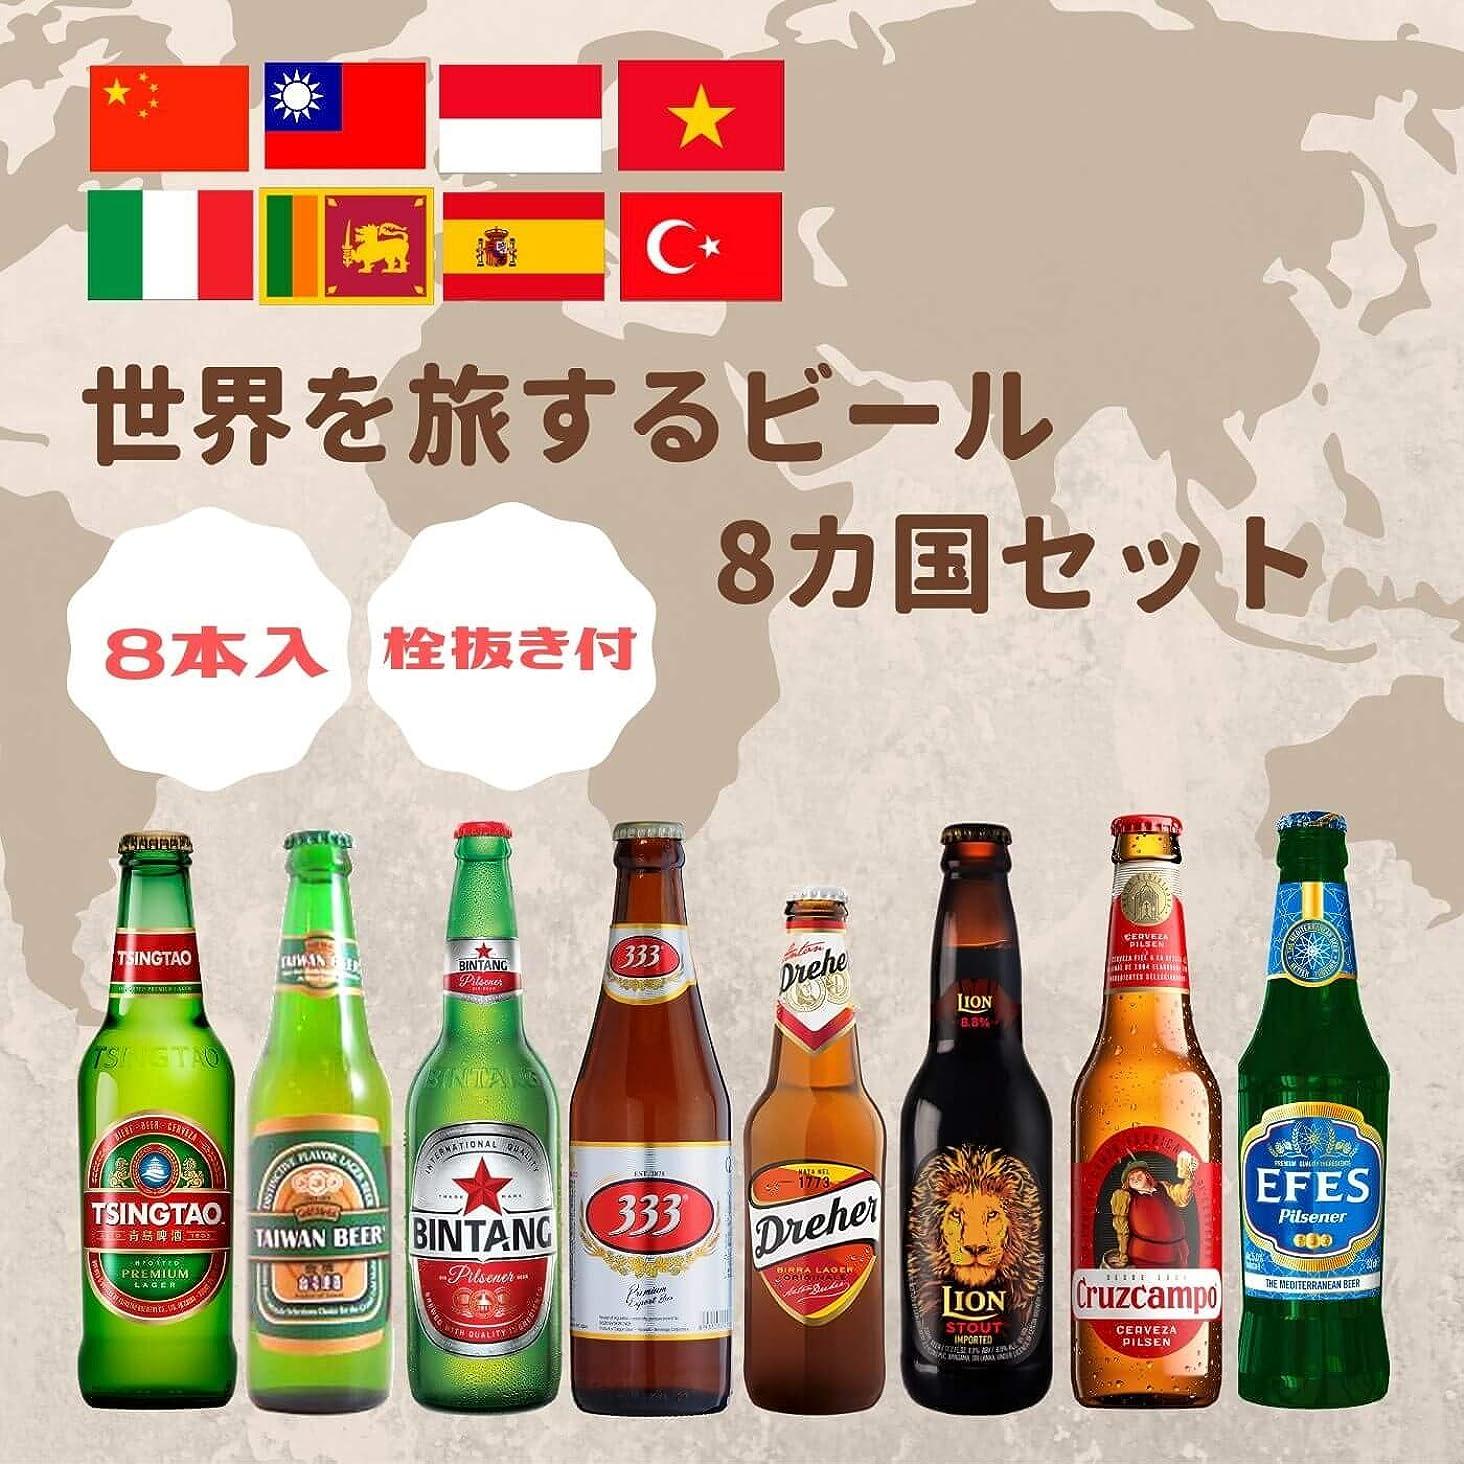 維持ゲージささやき【WEB限定】世界を旅するビール 8ヶ国8本ギフトBOX【オープナー付】勤労感謝の日 クリスマス プレゼント 誕生日 ギフト